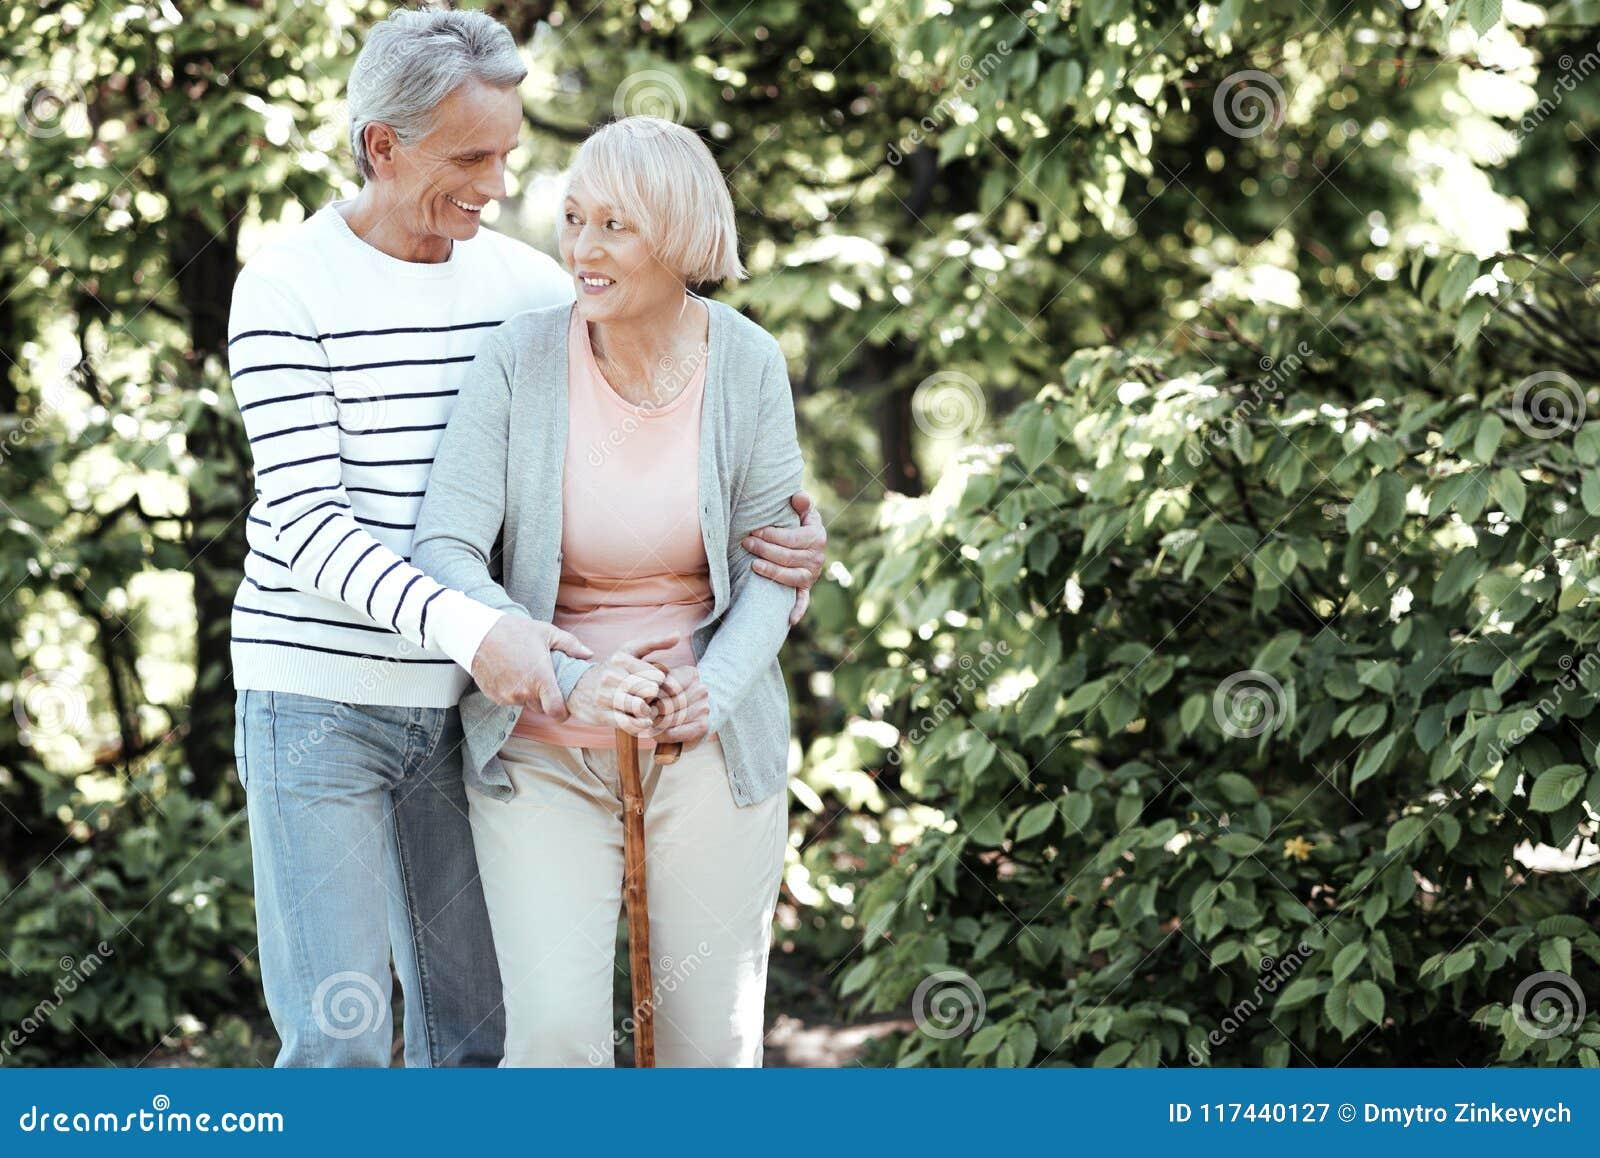 Positive begeisterte Paare, die Zeit im Park verbringen